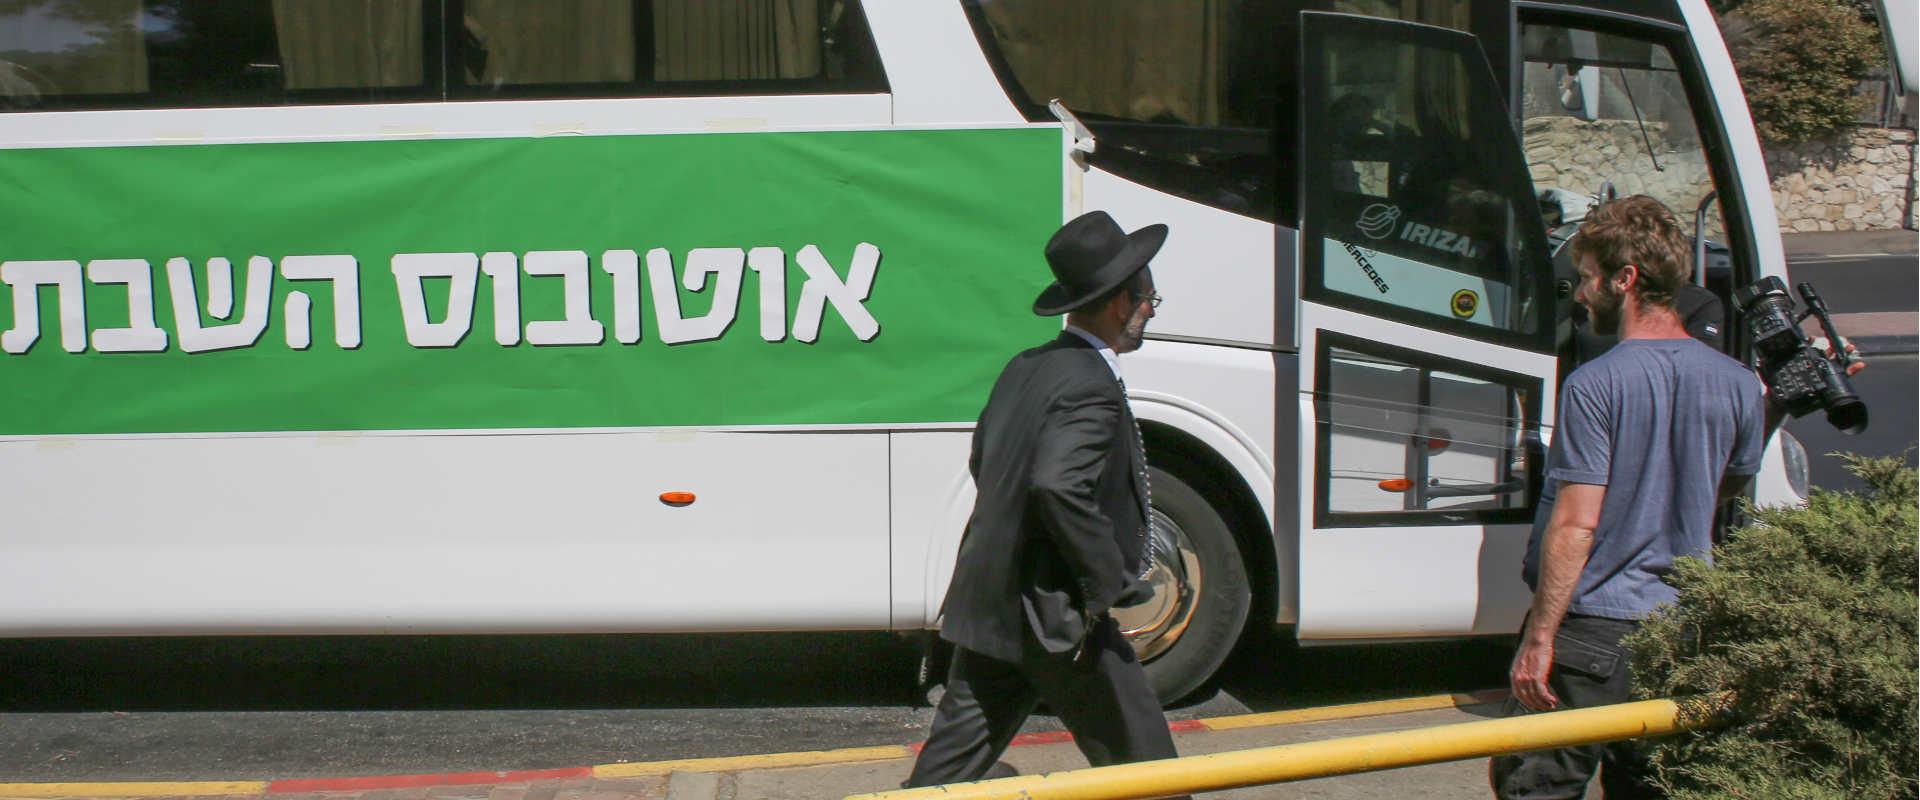 אוטובוס השבת של מרצ בירושלים